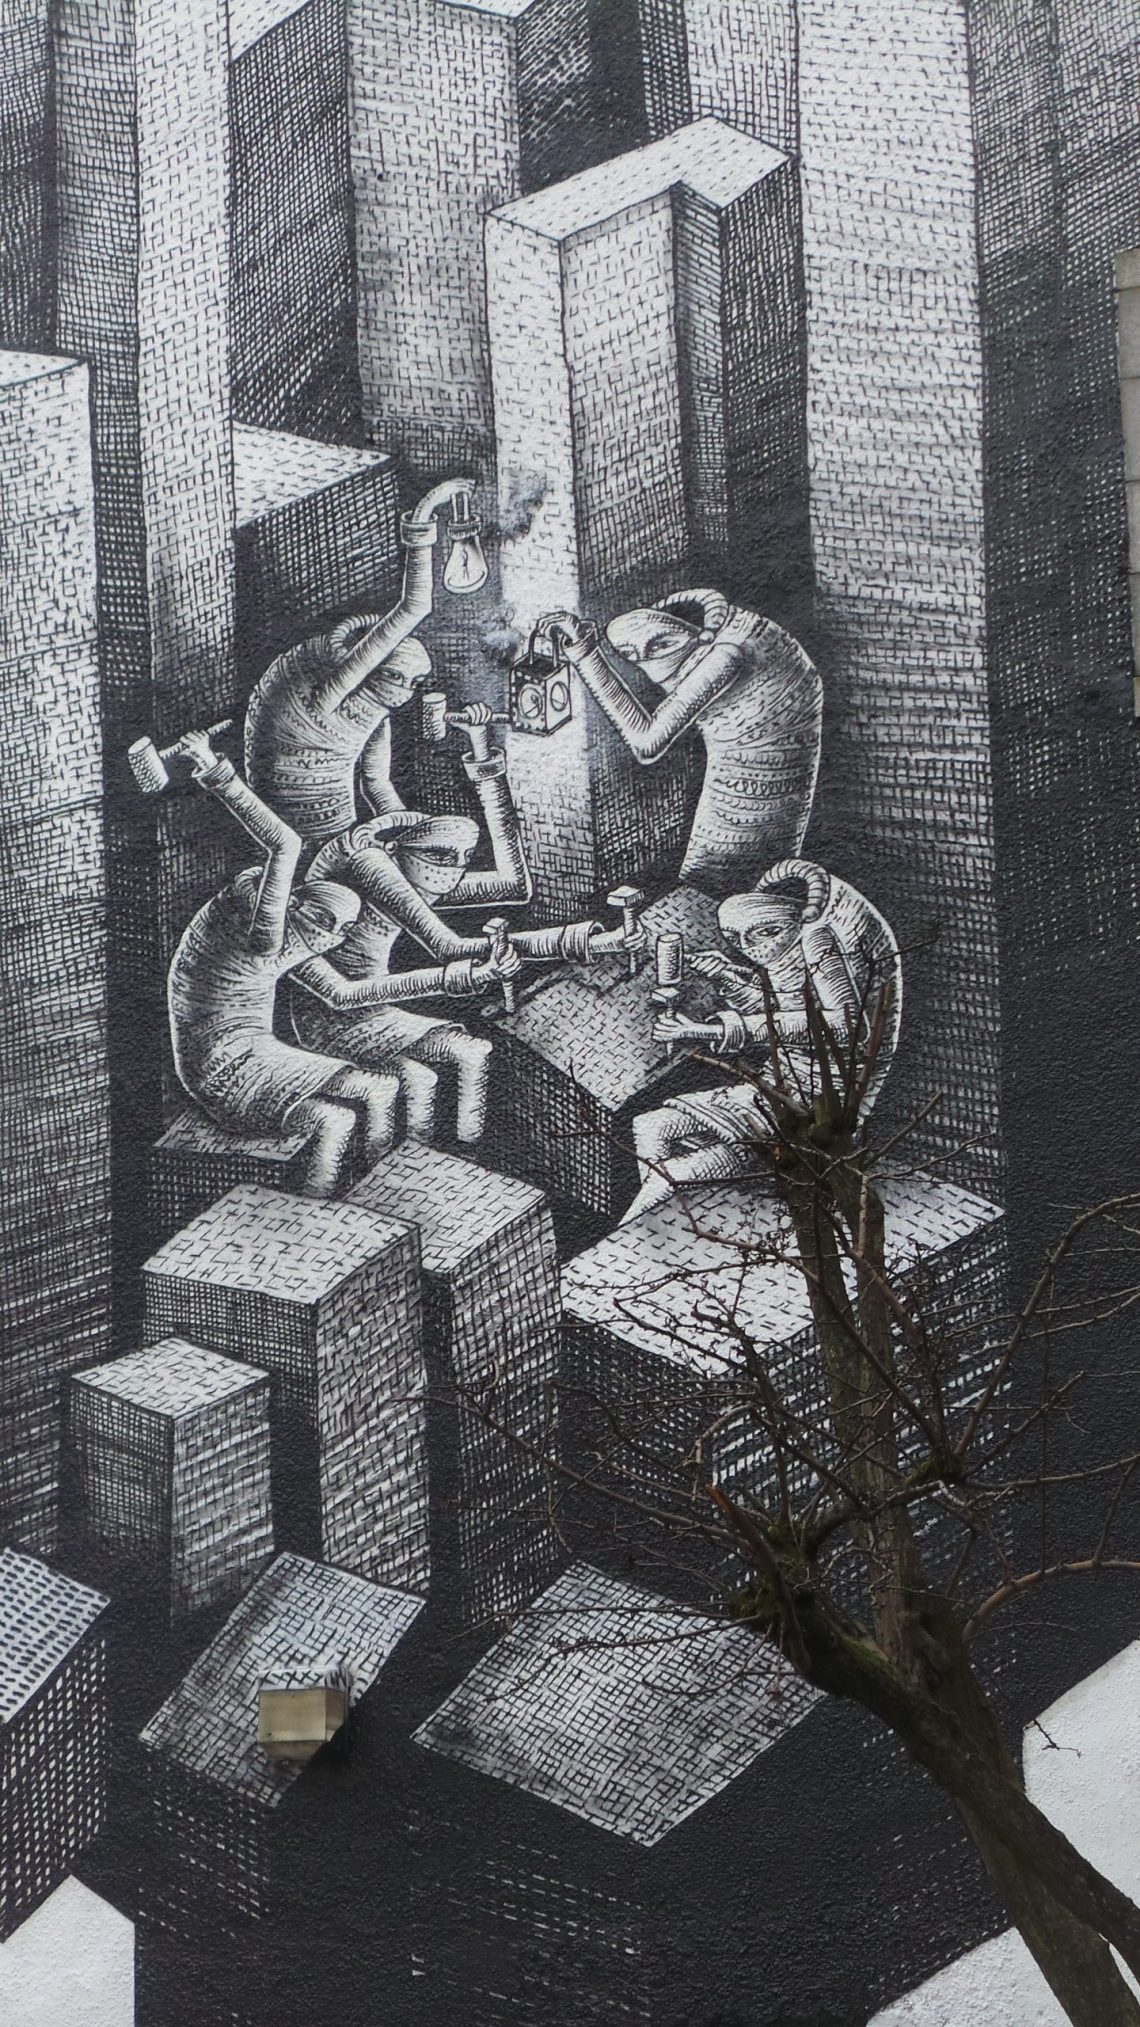 Phlegm street art in Aberdeen